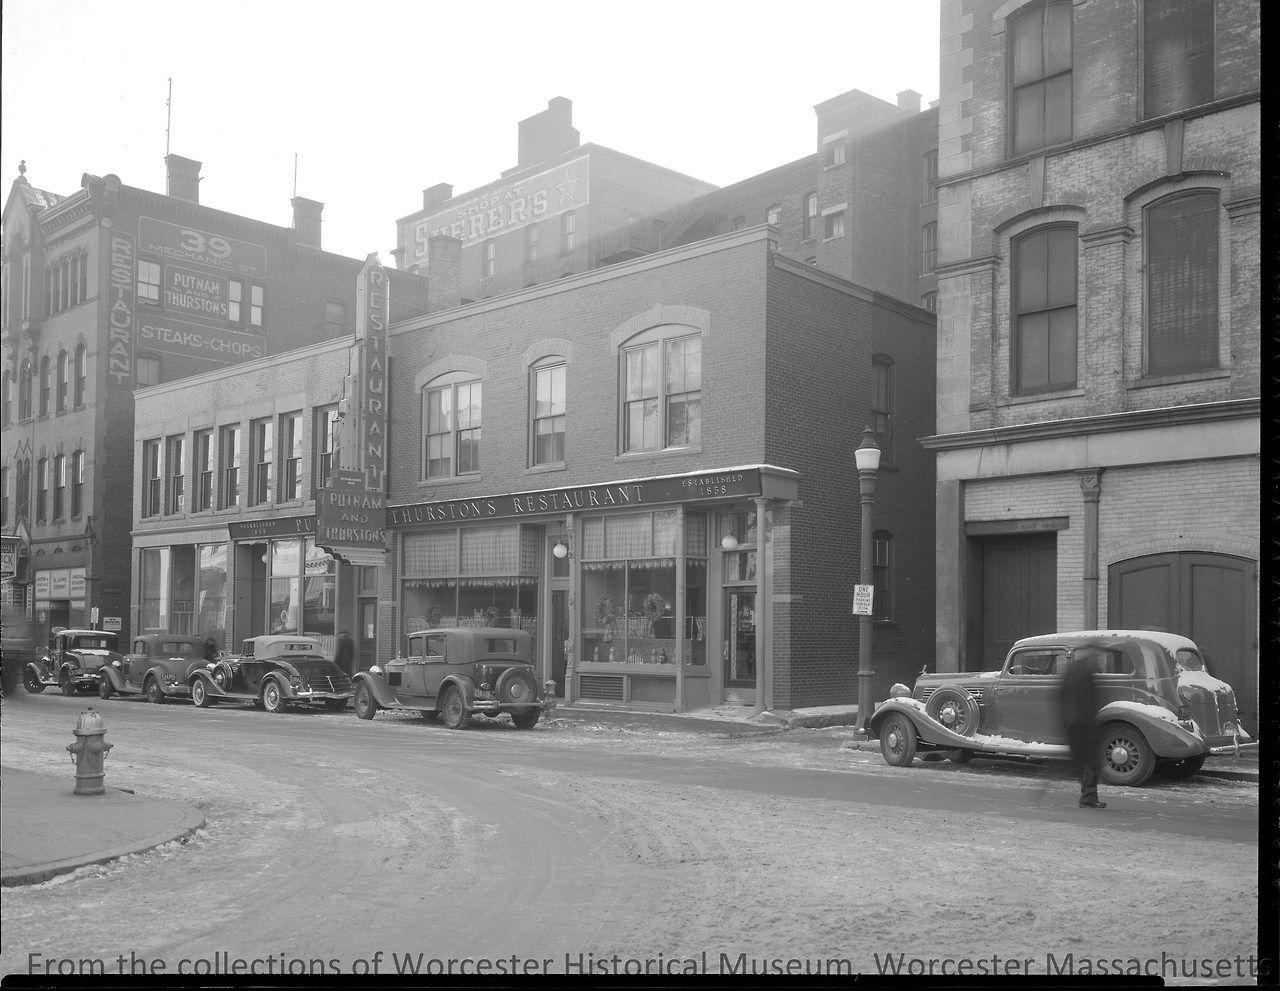 Putnam Thurstons Restaurant at 39 Mechanics Street, c ...